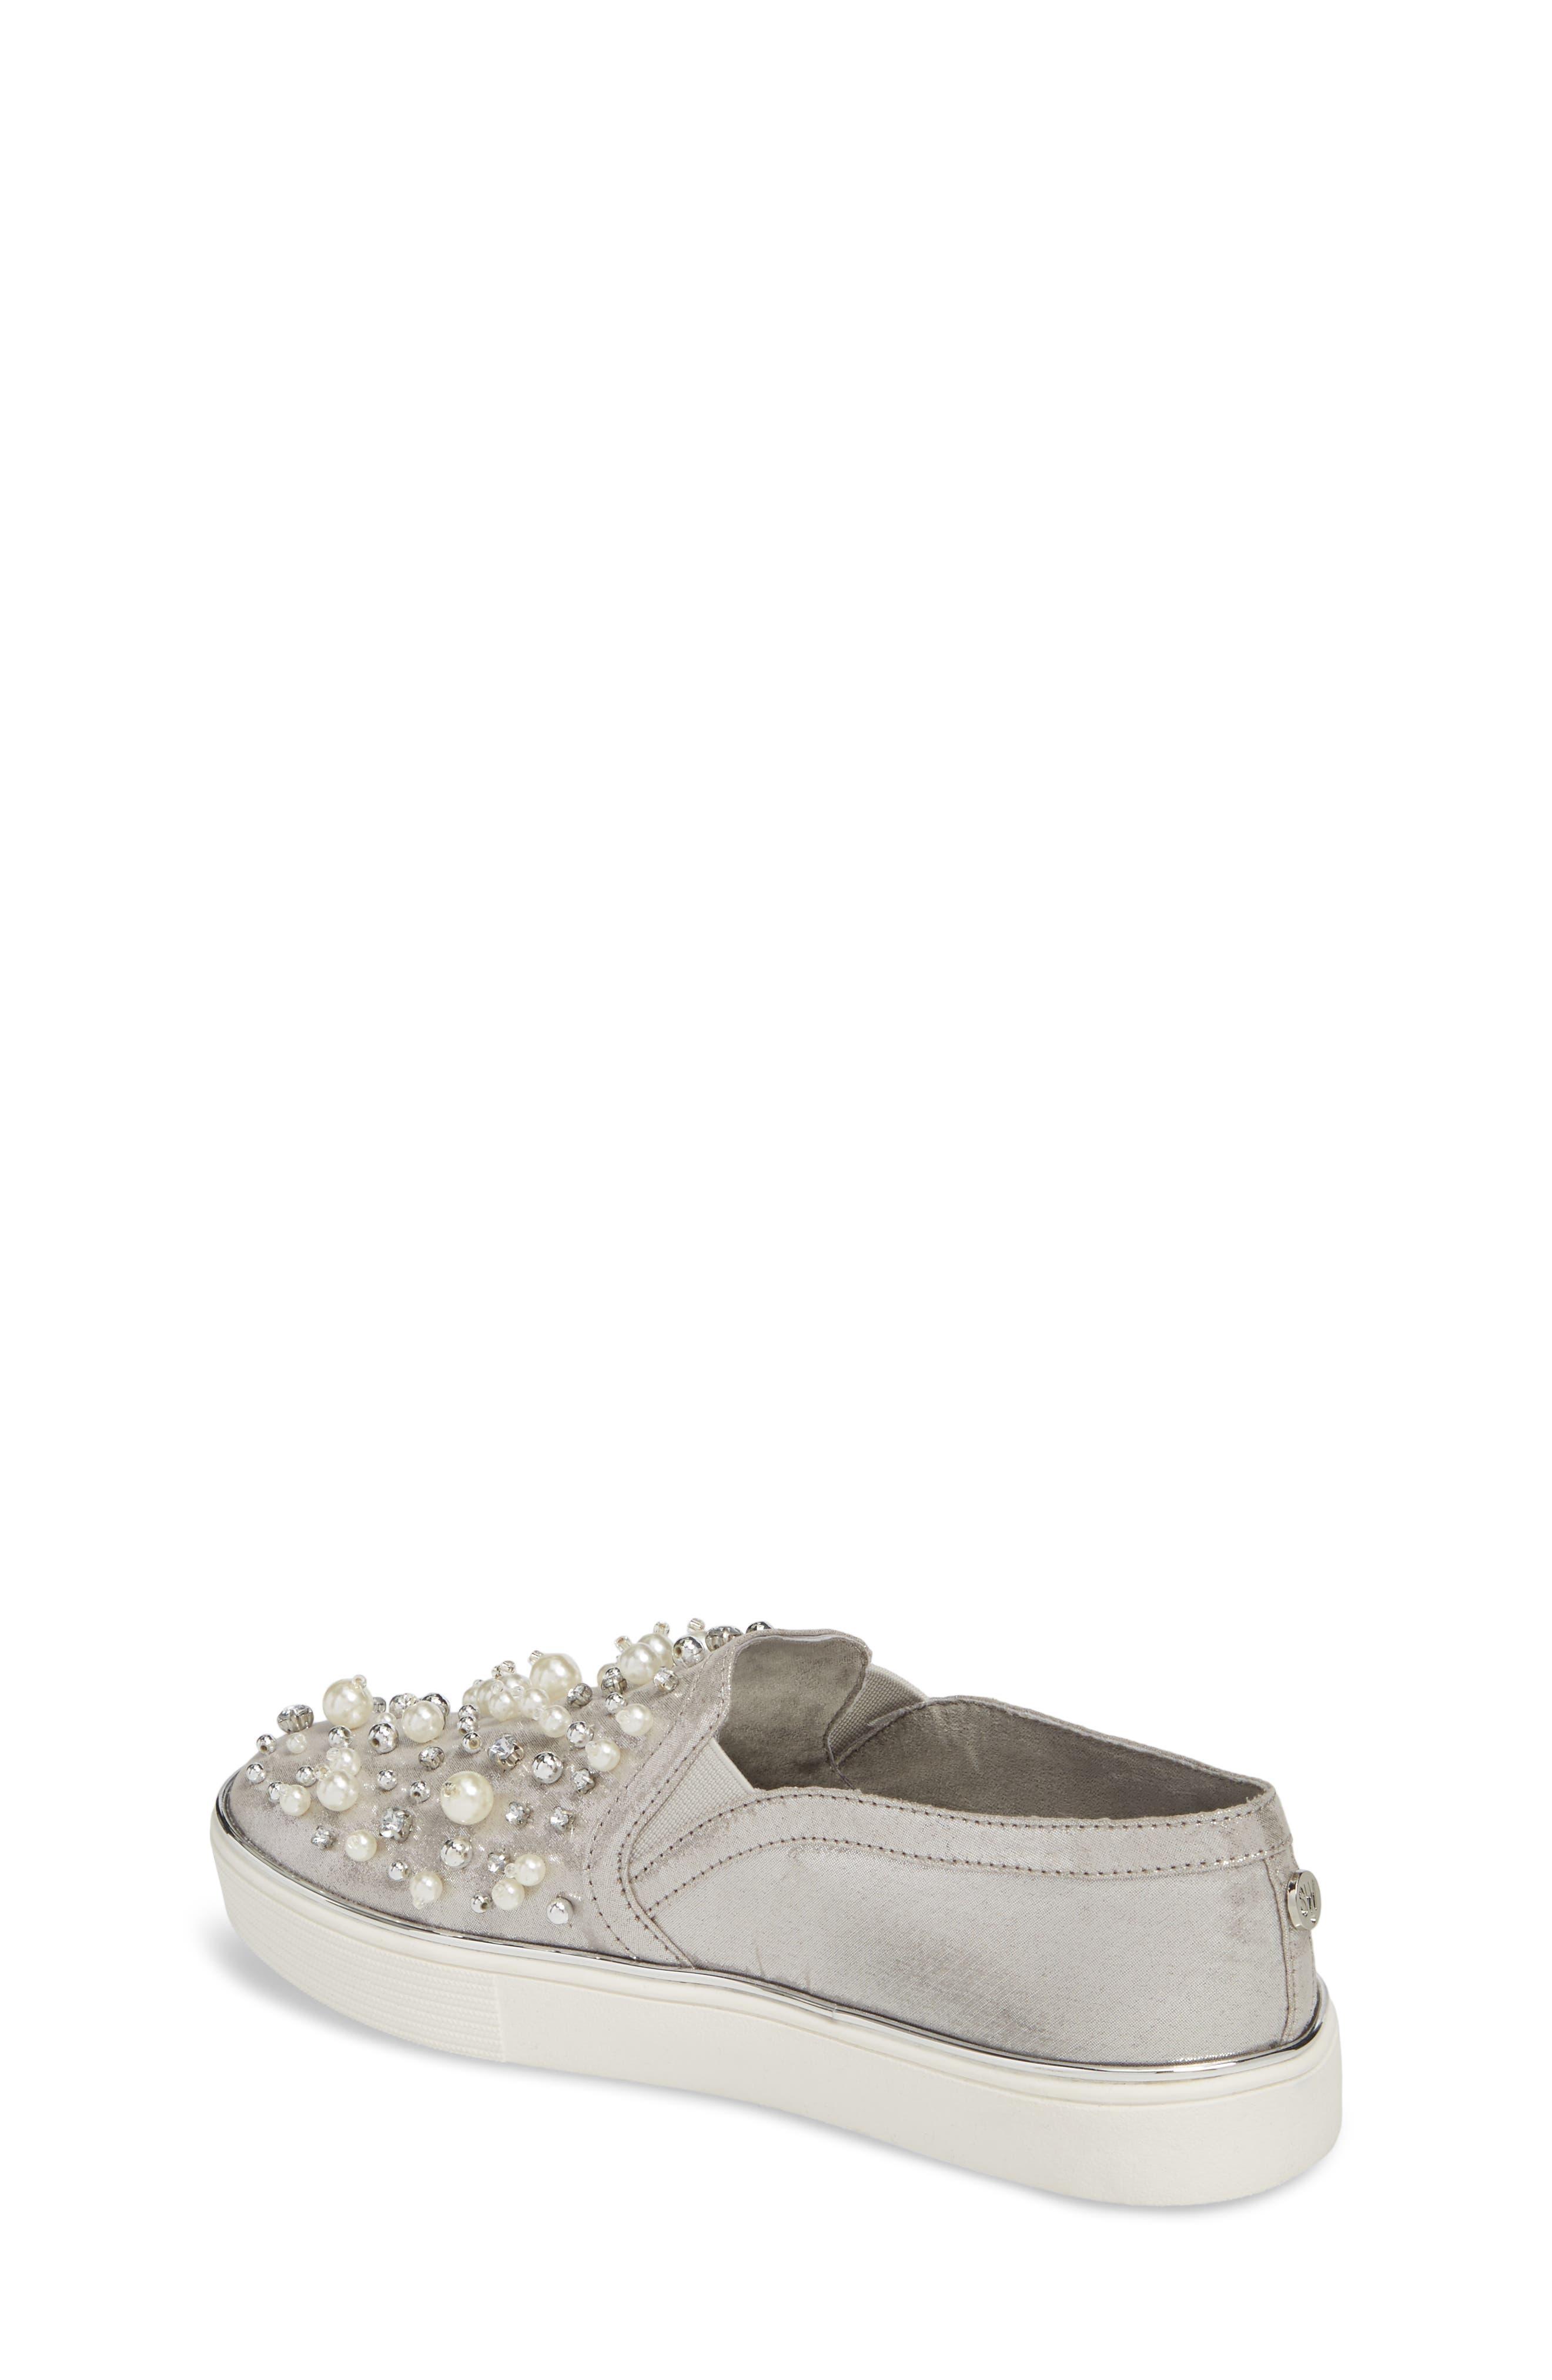 Vance Glitz Embellished Slip-On Sneaker,                             Alternate thumbnail 2, color,                             044